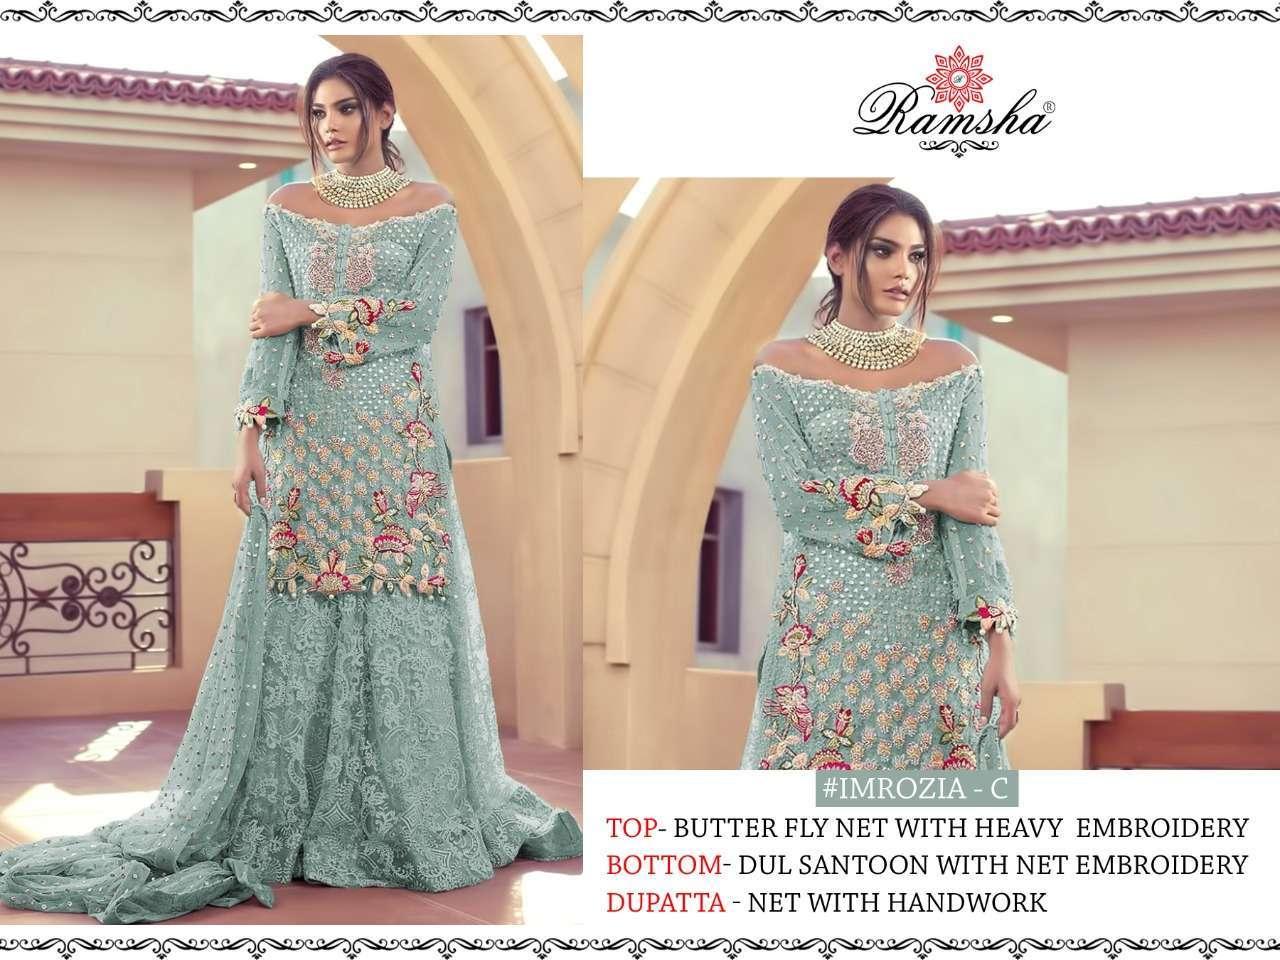 Ramsha Imrozia Nx with embroidery wotk pakisatni suit collection 08